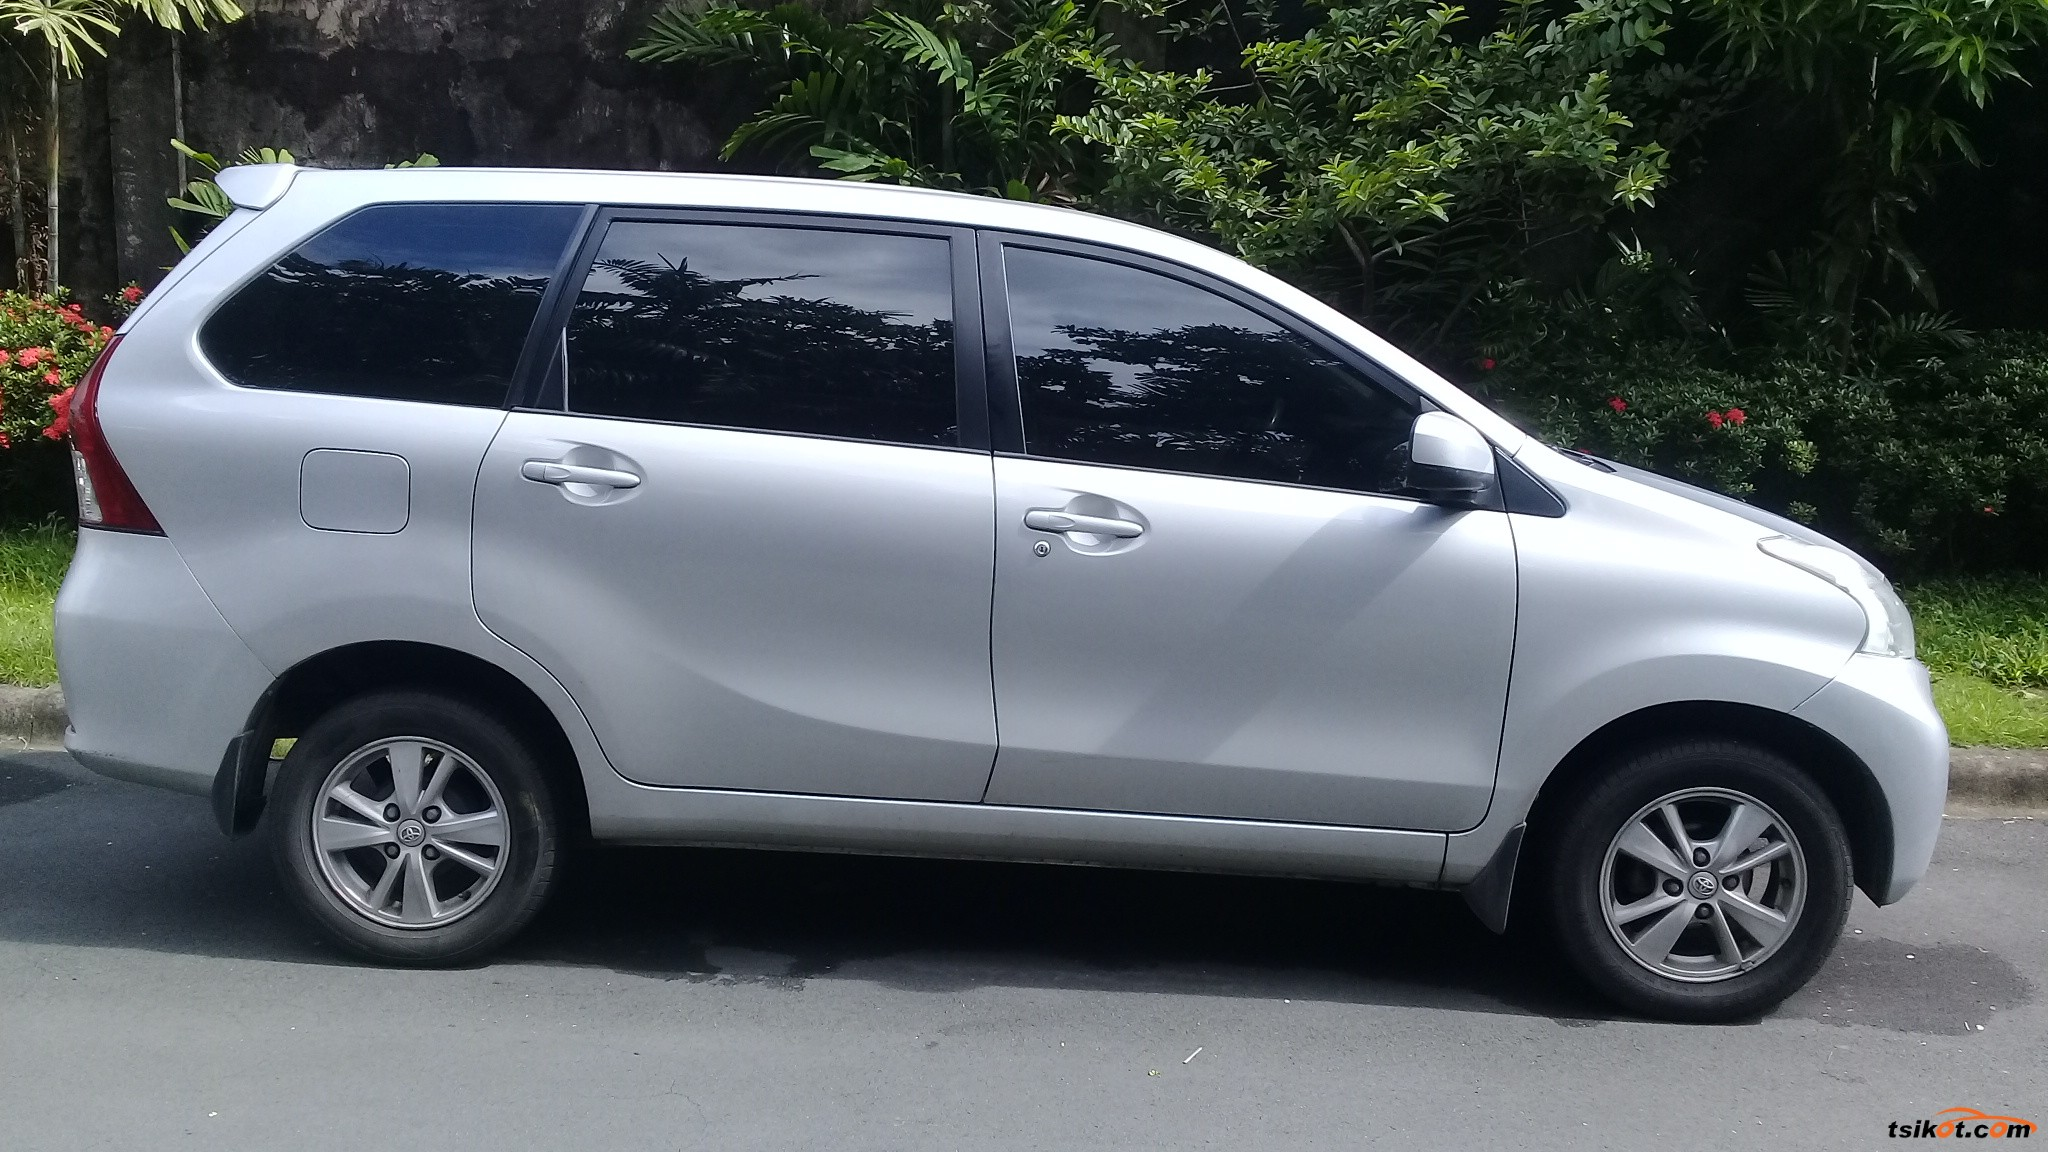 Kelebihan Kekurangan Toyota Avanza 2014 Review